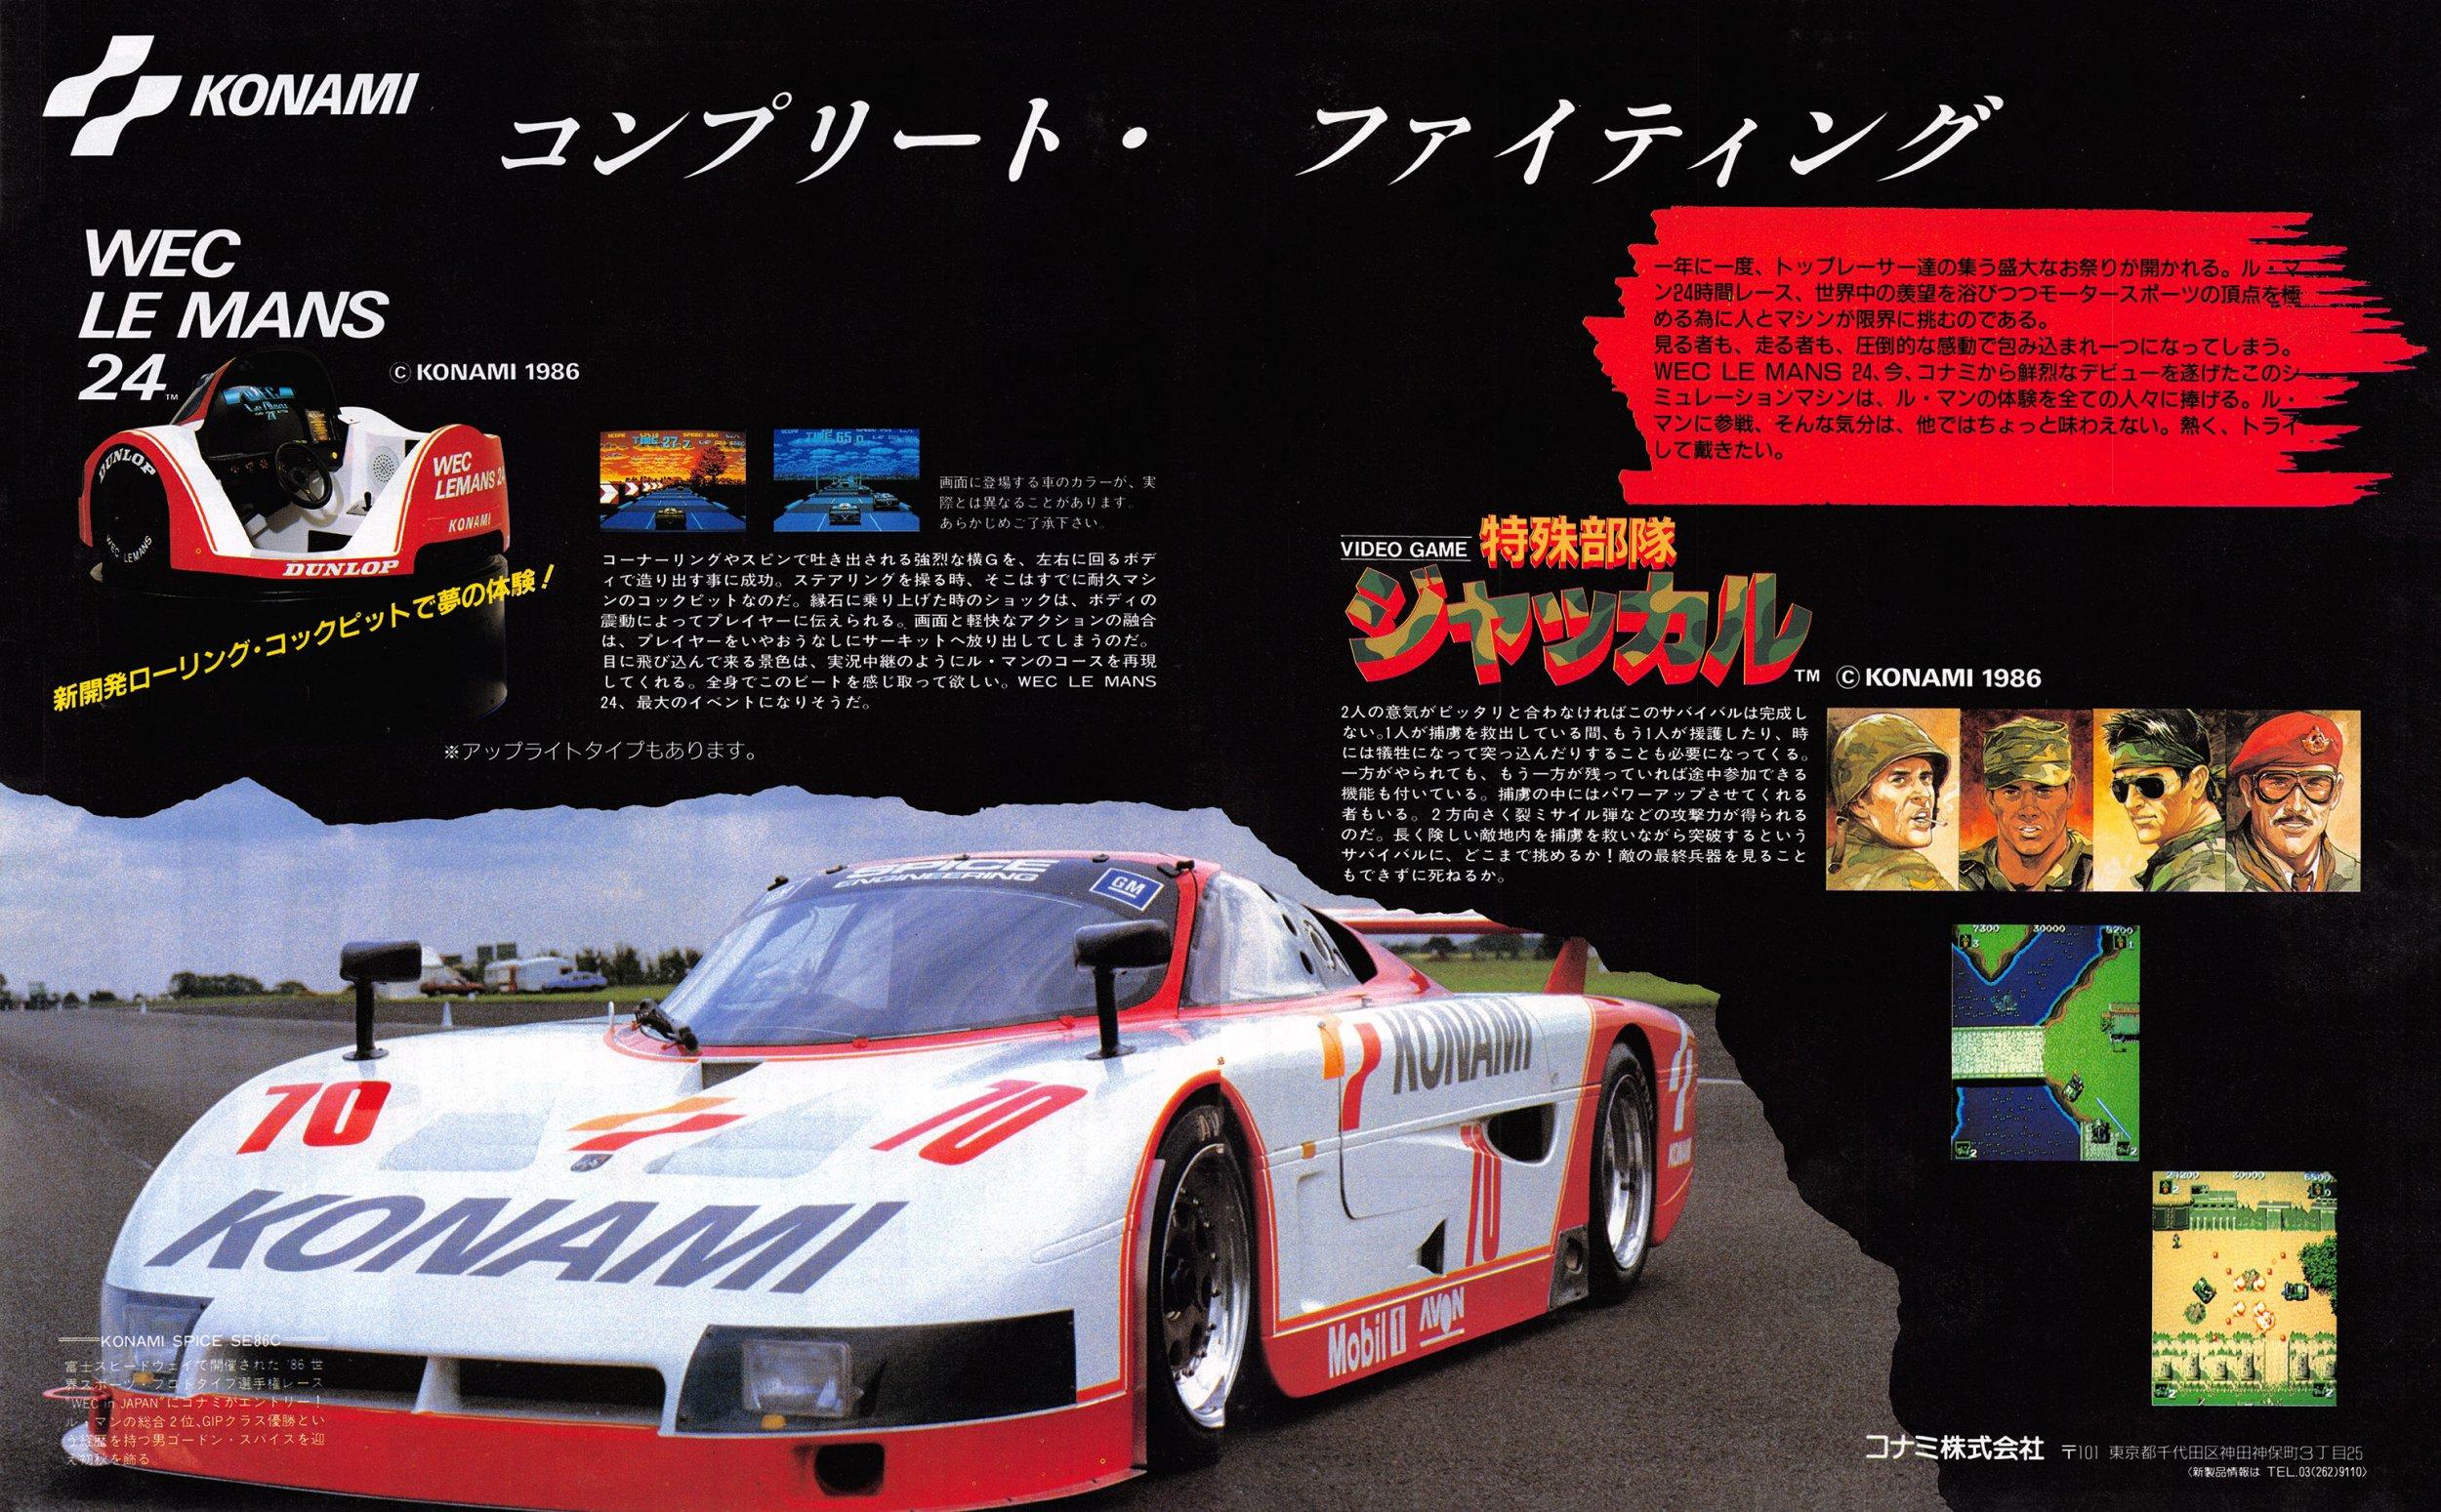 Jackal, WEC Le Mans 24 (Japan)